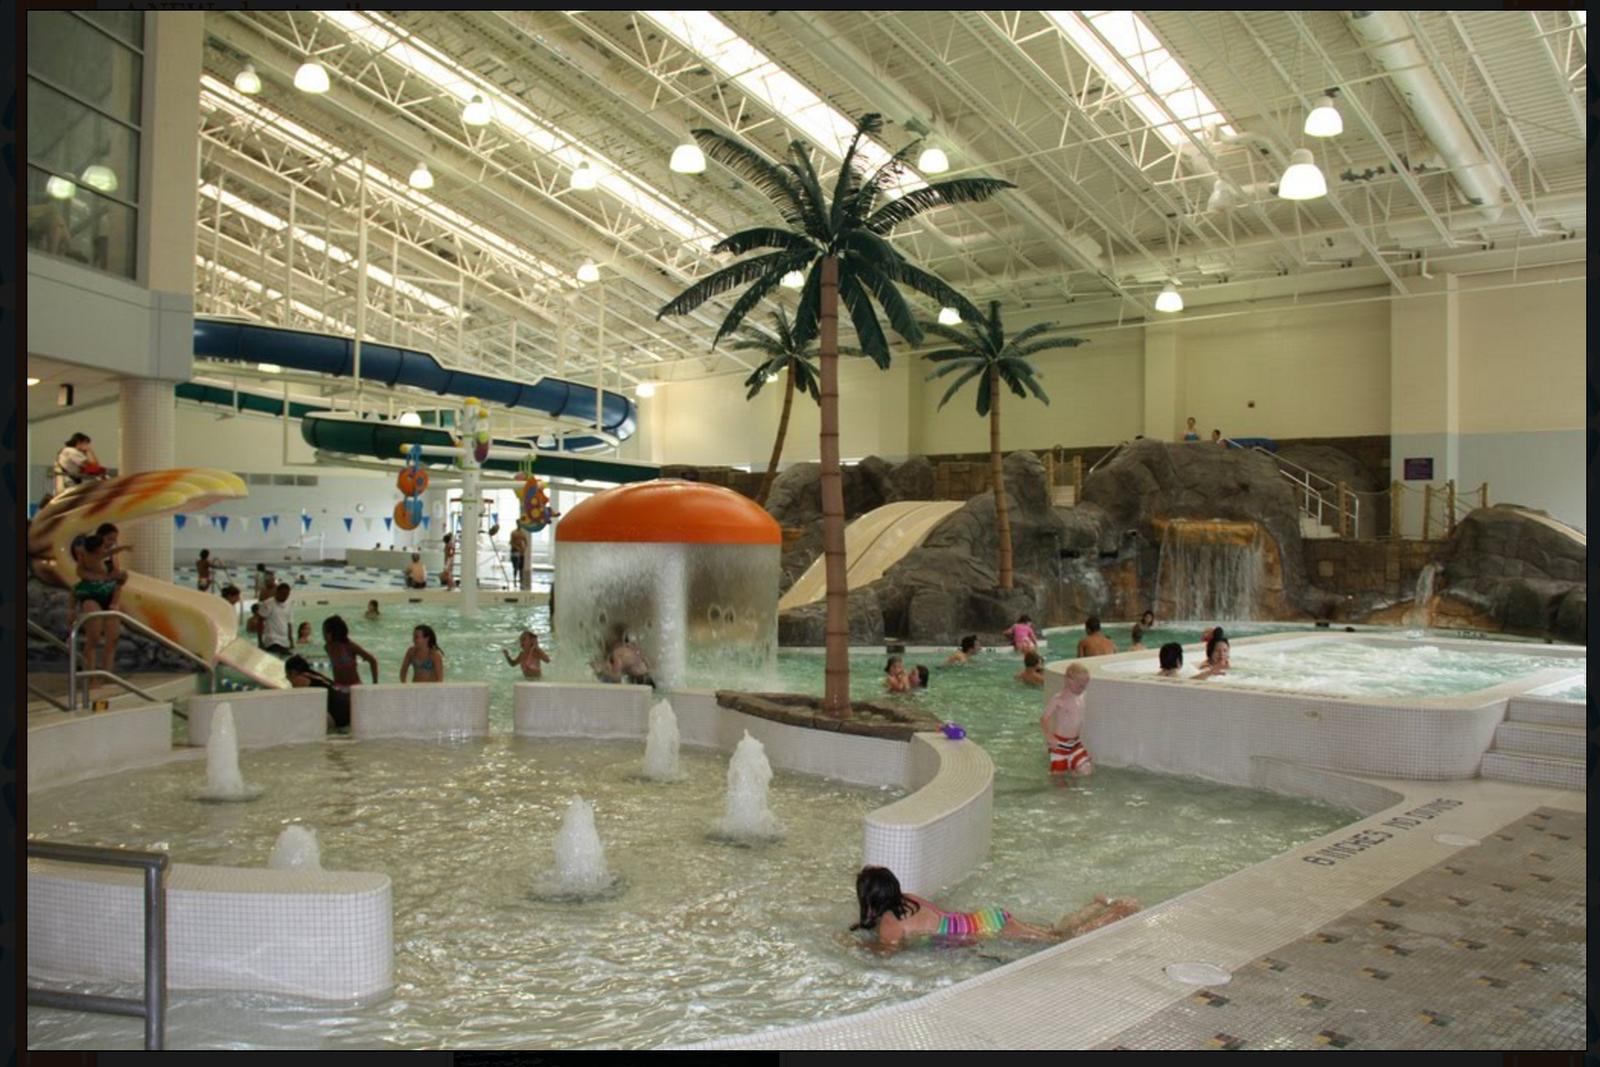 Germantown indoor swim center in boyds md parent reviews photos trekaroo for Germantown indoor swimming pool